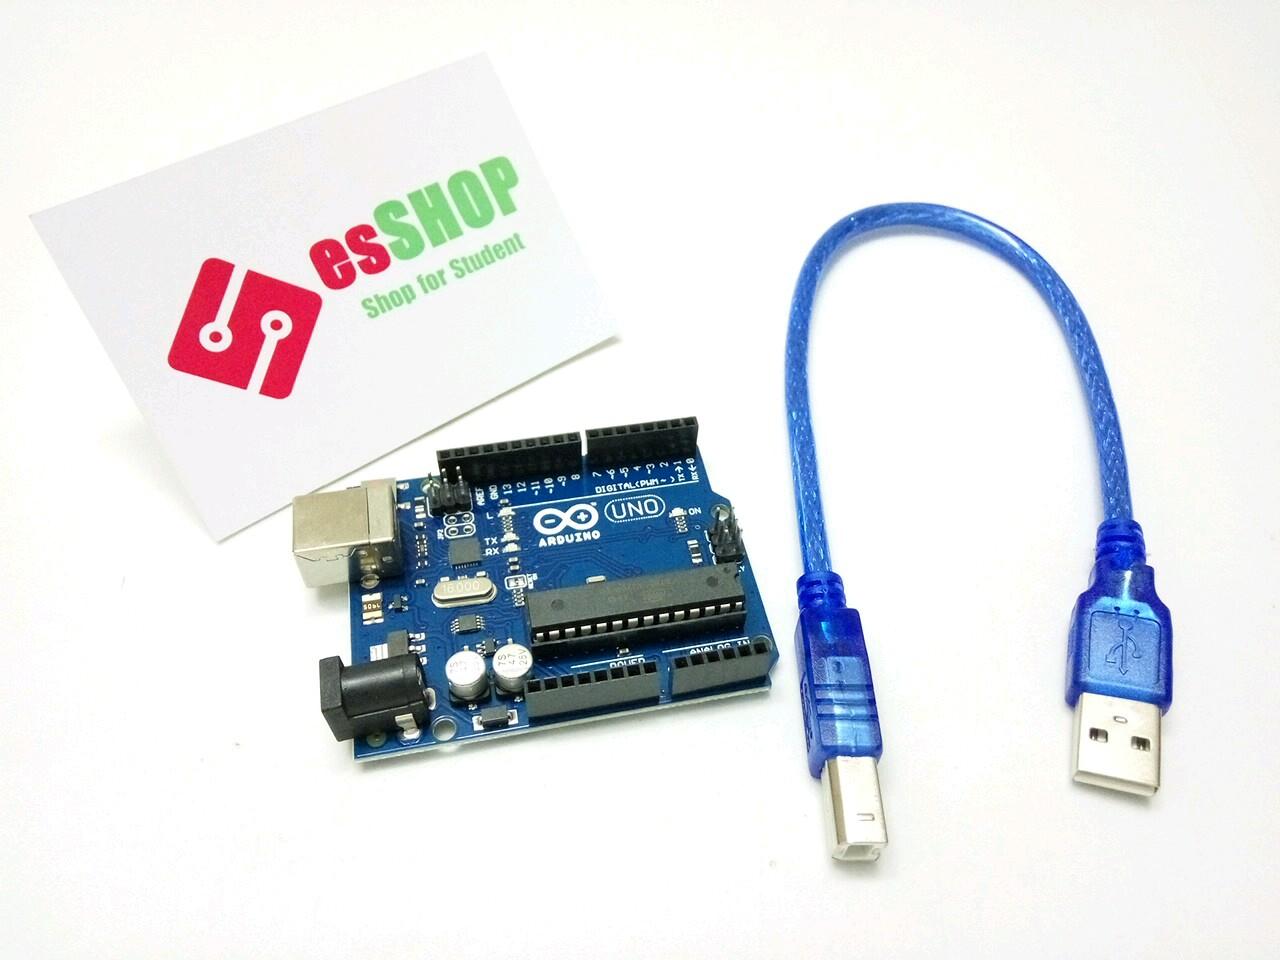 B0378 - Board Arduino UNO R3 Chip Cắm + Kèm Cáp